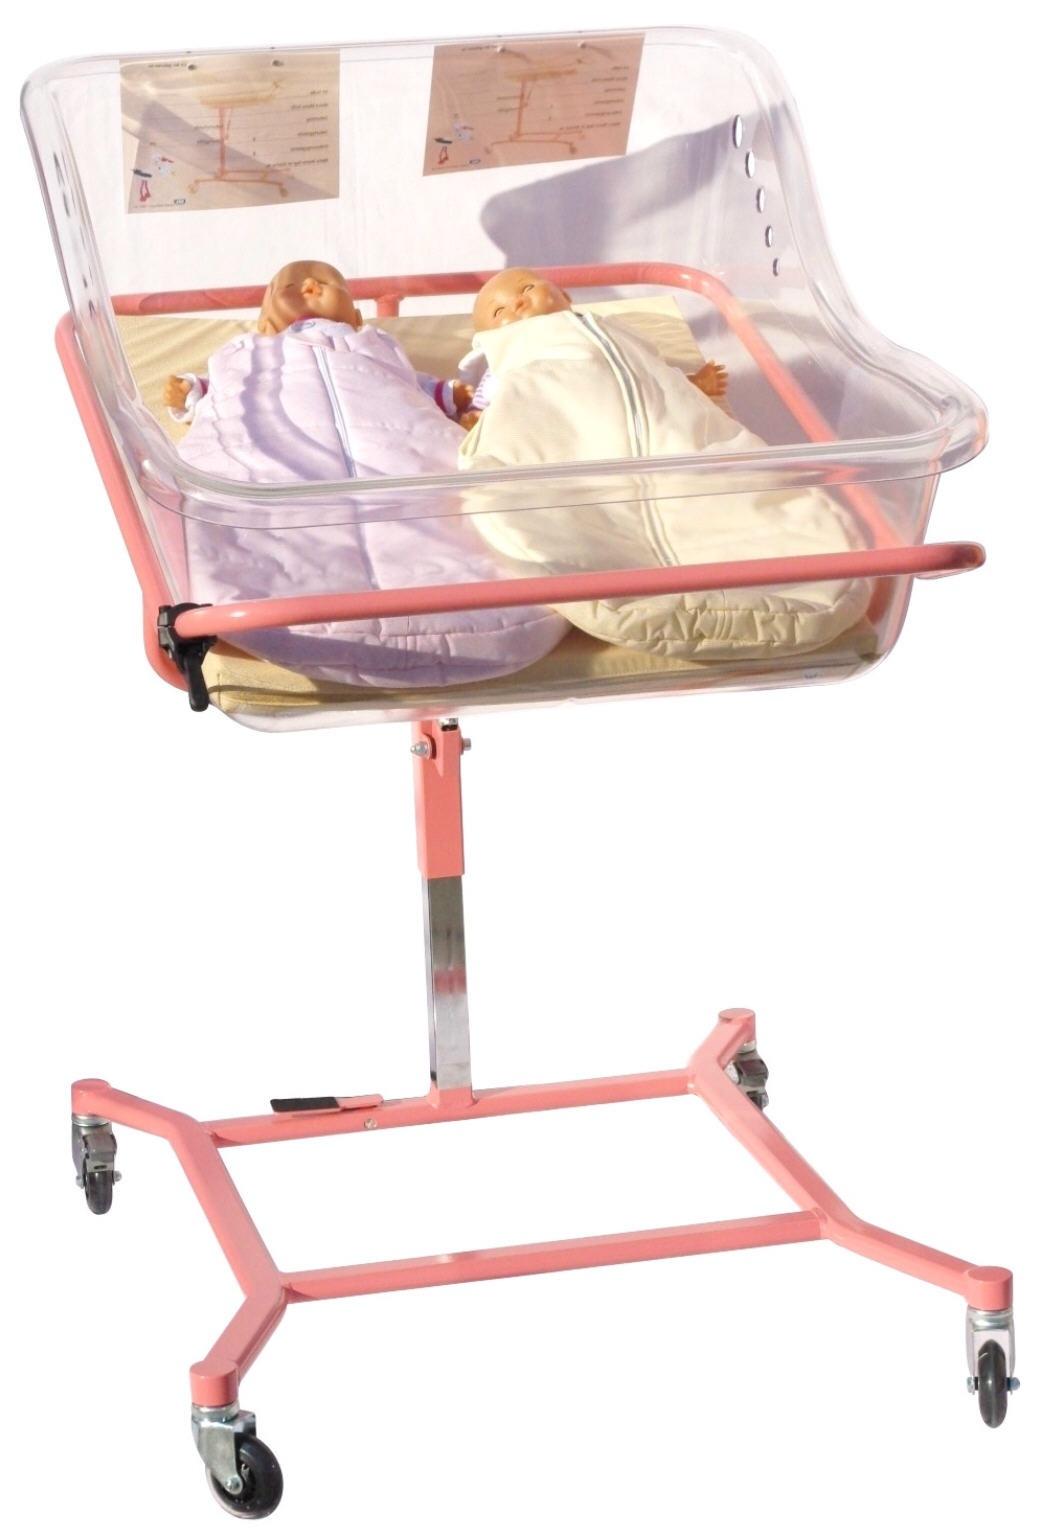 Dmp distribution lit de b b berceau babynel duo r glable en hauteur - Lit bebe hauteur reglable ...